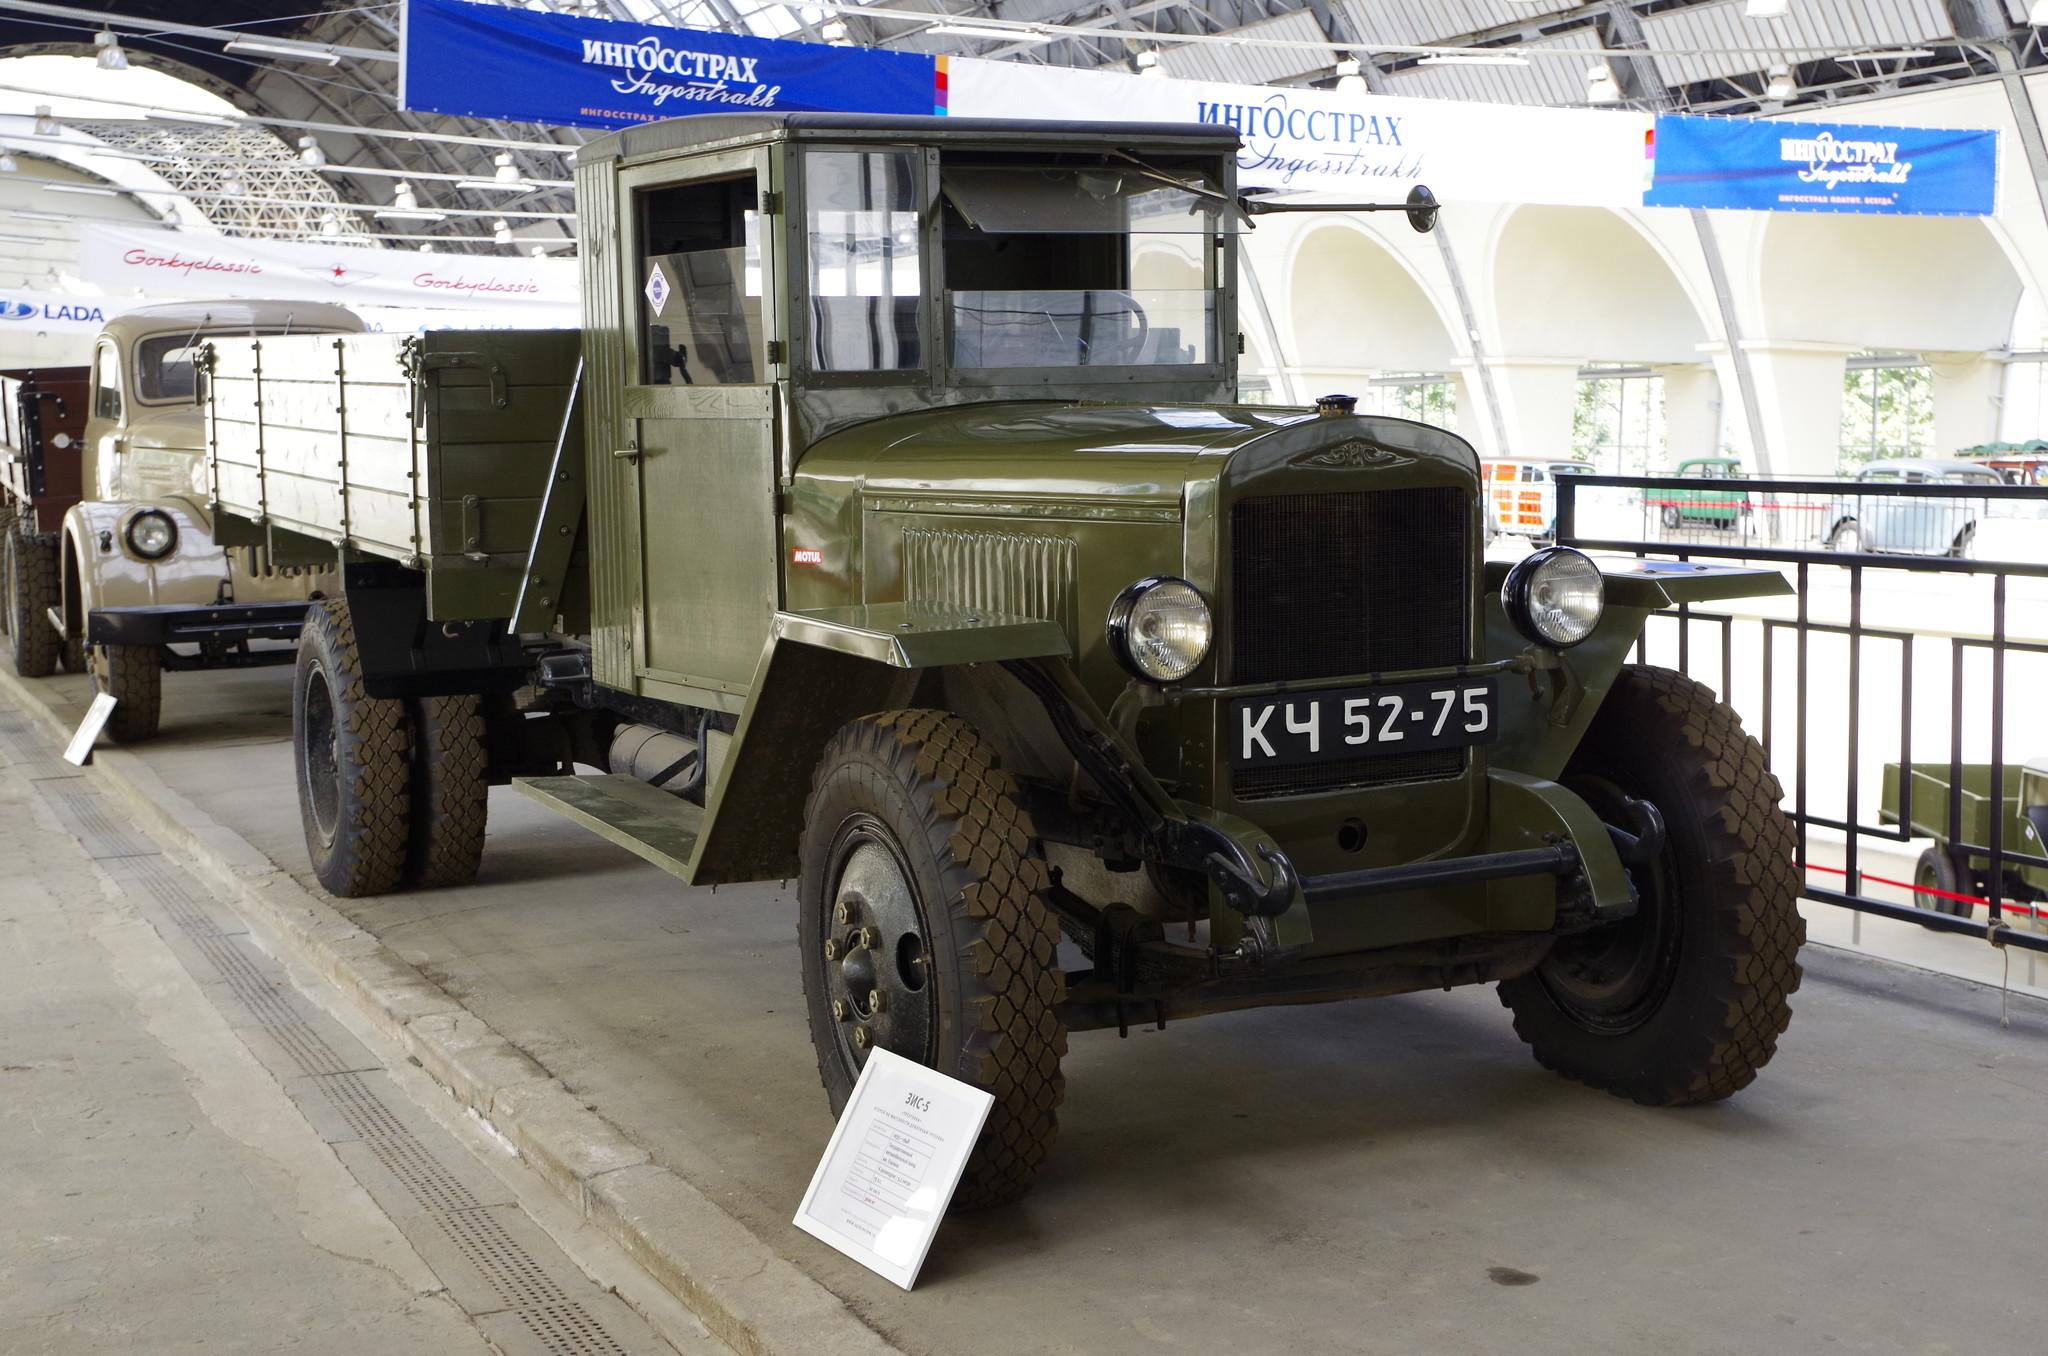 ЗИС-5 («трёхтонка») - советский грузовой автомобиль, второй по массовости после ГАЗ-АА грузовик 1930-40-х годов